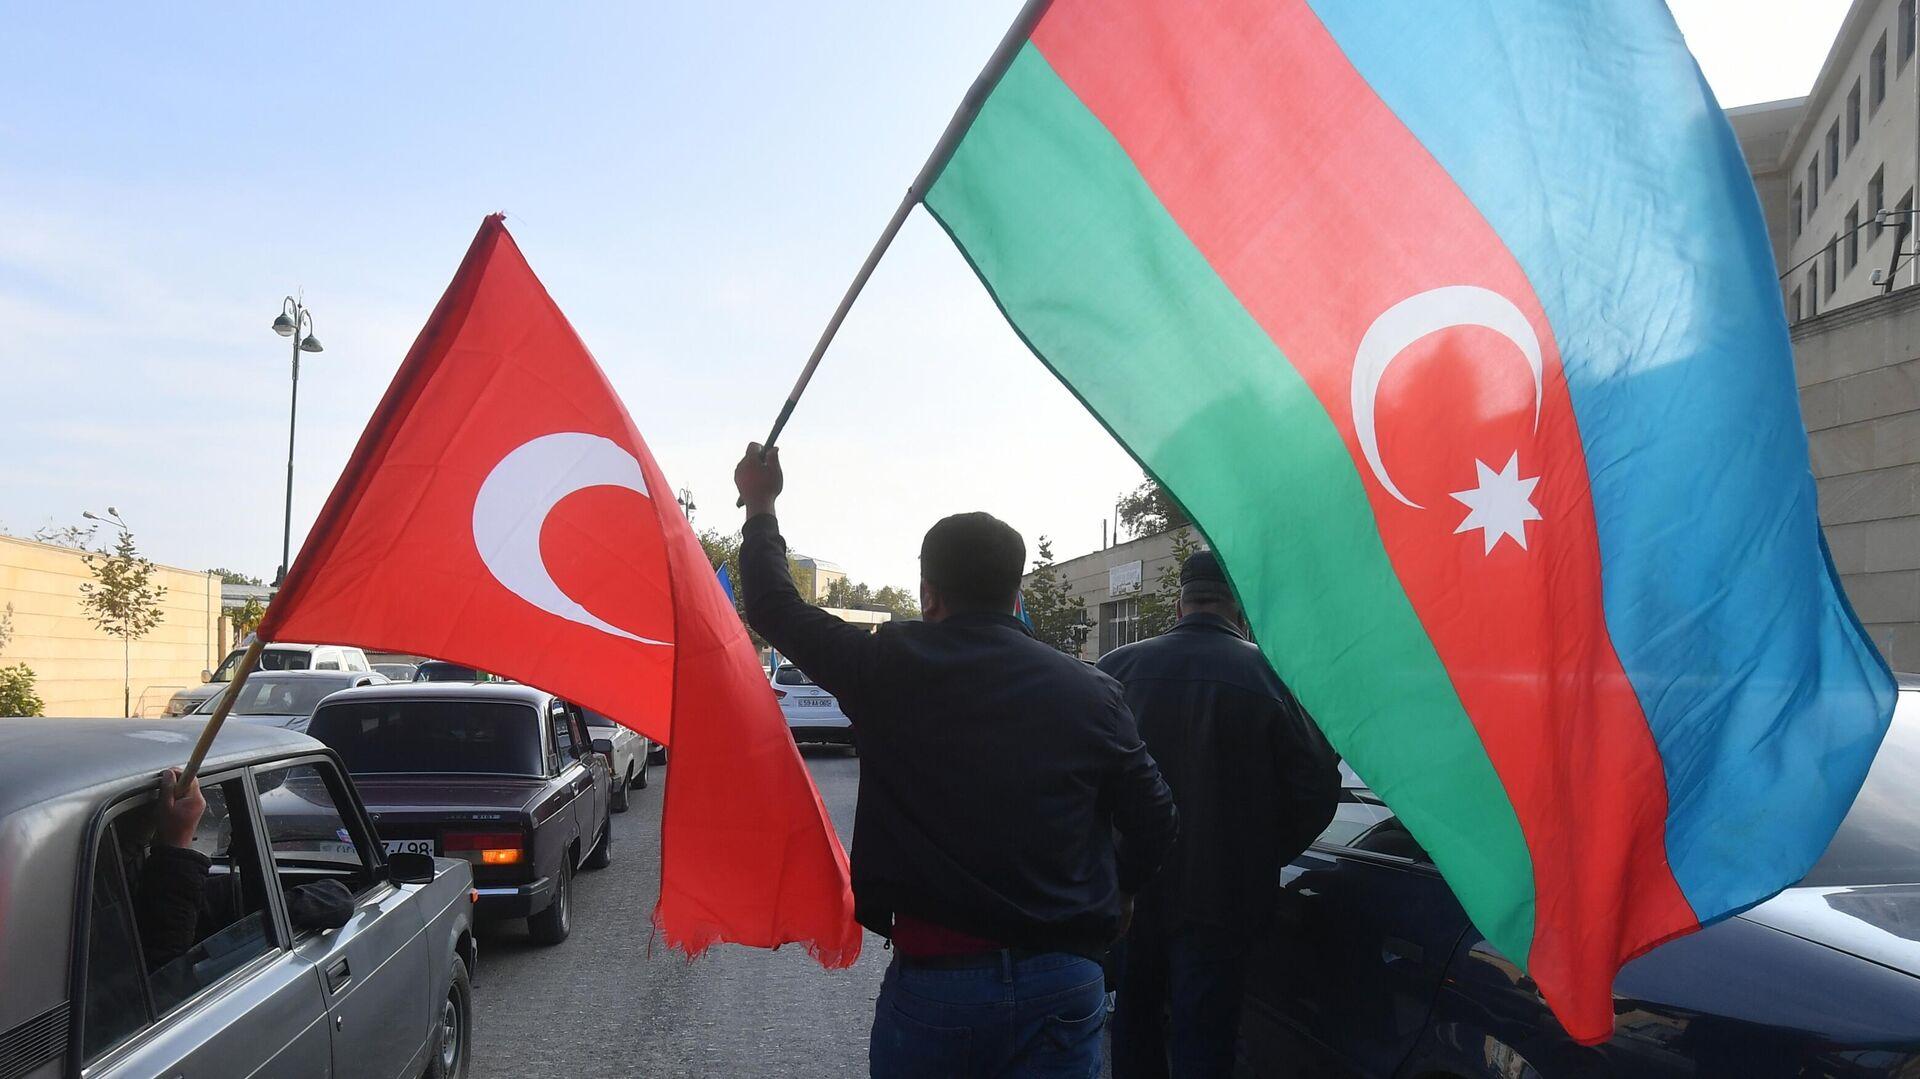 Люди с флагами Турции и Азербайджана в Баку - РИА Новости, 1920, 30.11.2020